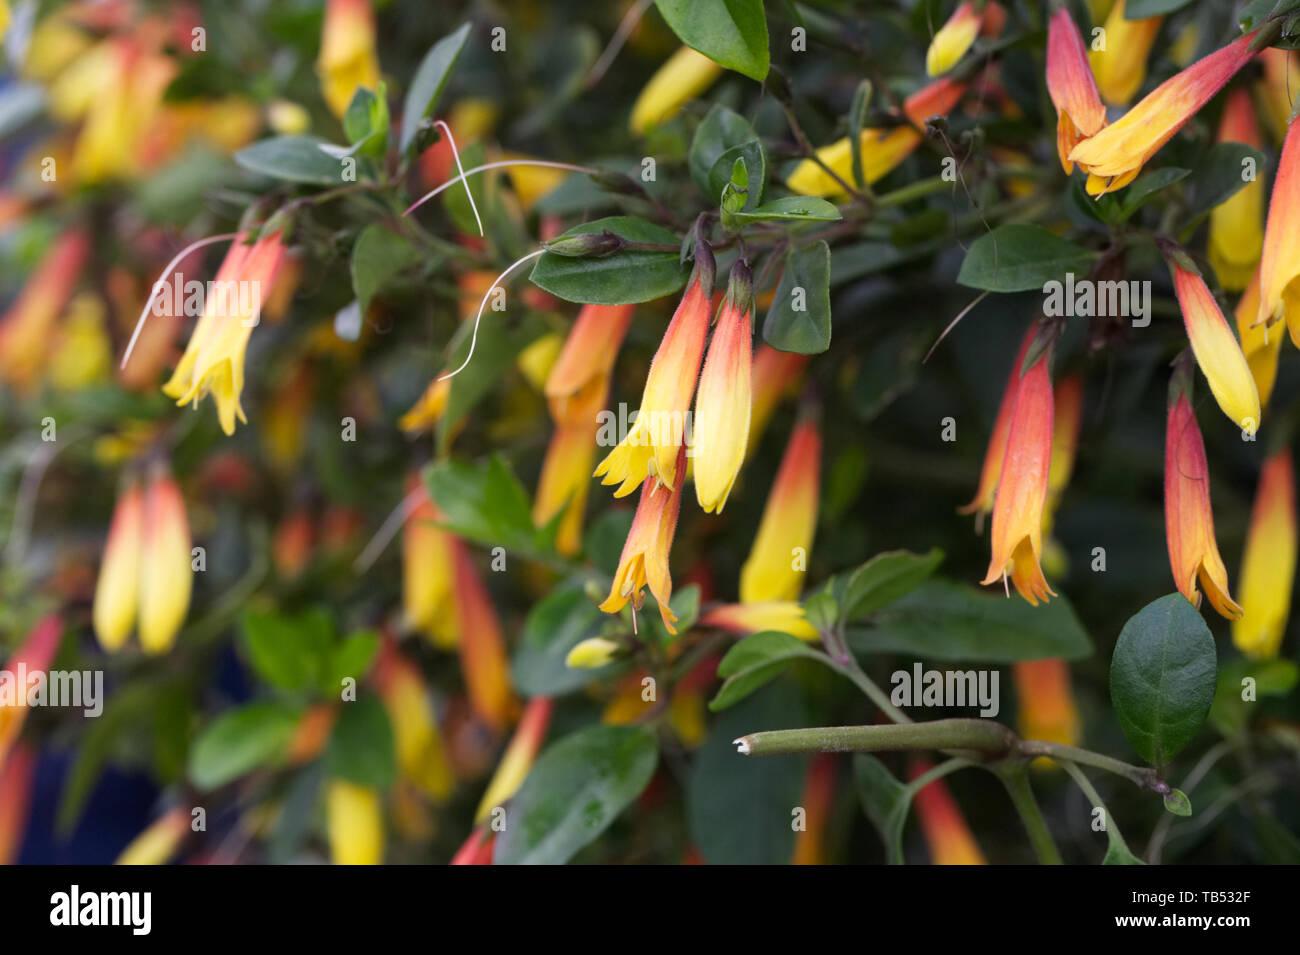 Jacobinia pauciflora flowers. - Stock Image